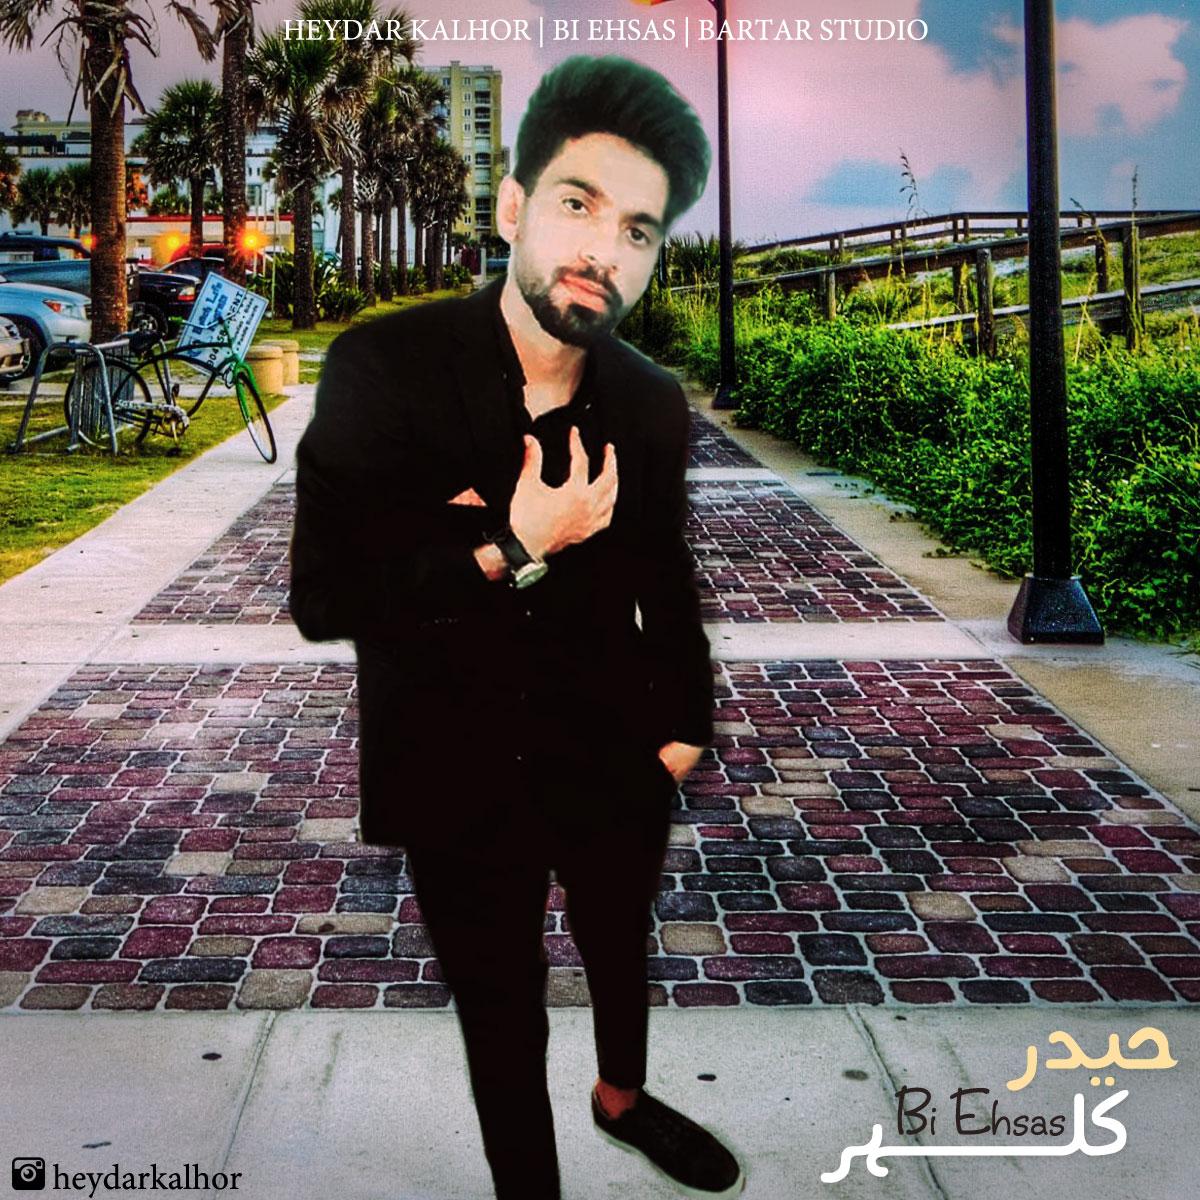 Heydar Kalhor – Bi Ehsas